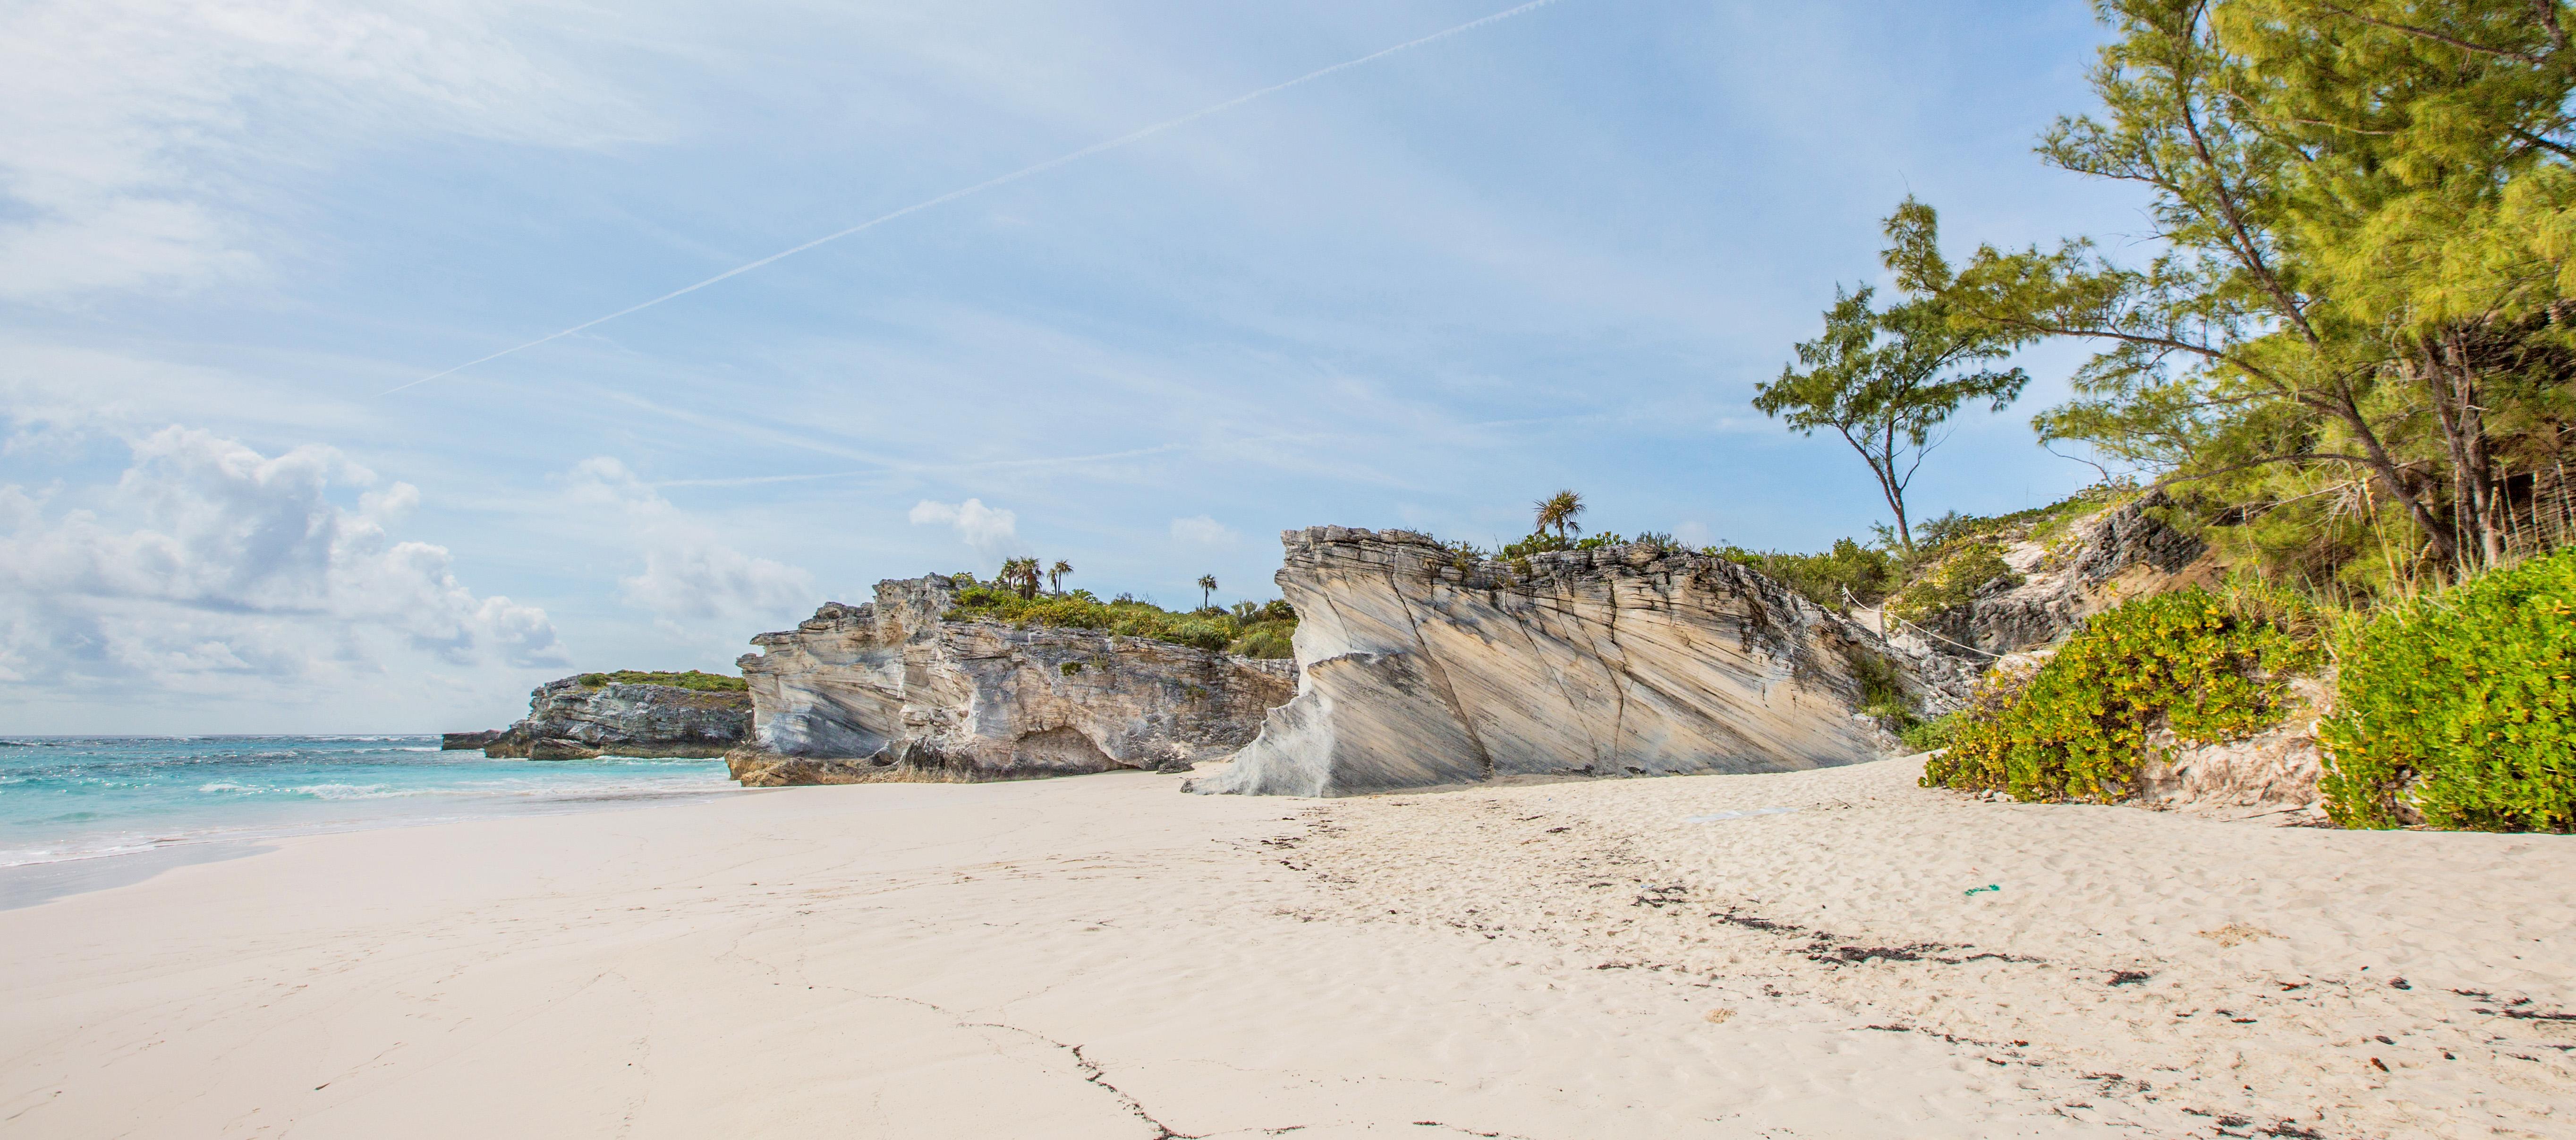 Ein Strand auf Eleuthera, Bahamas